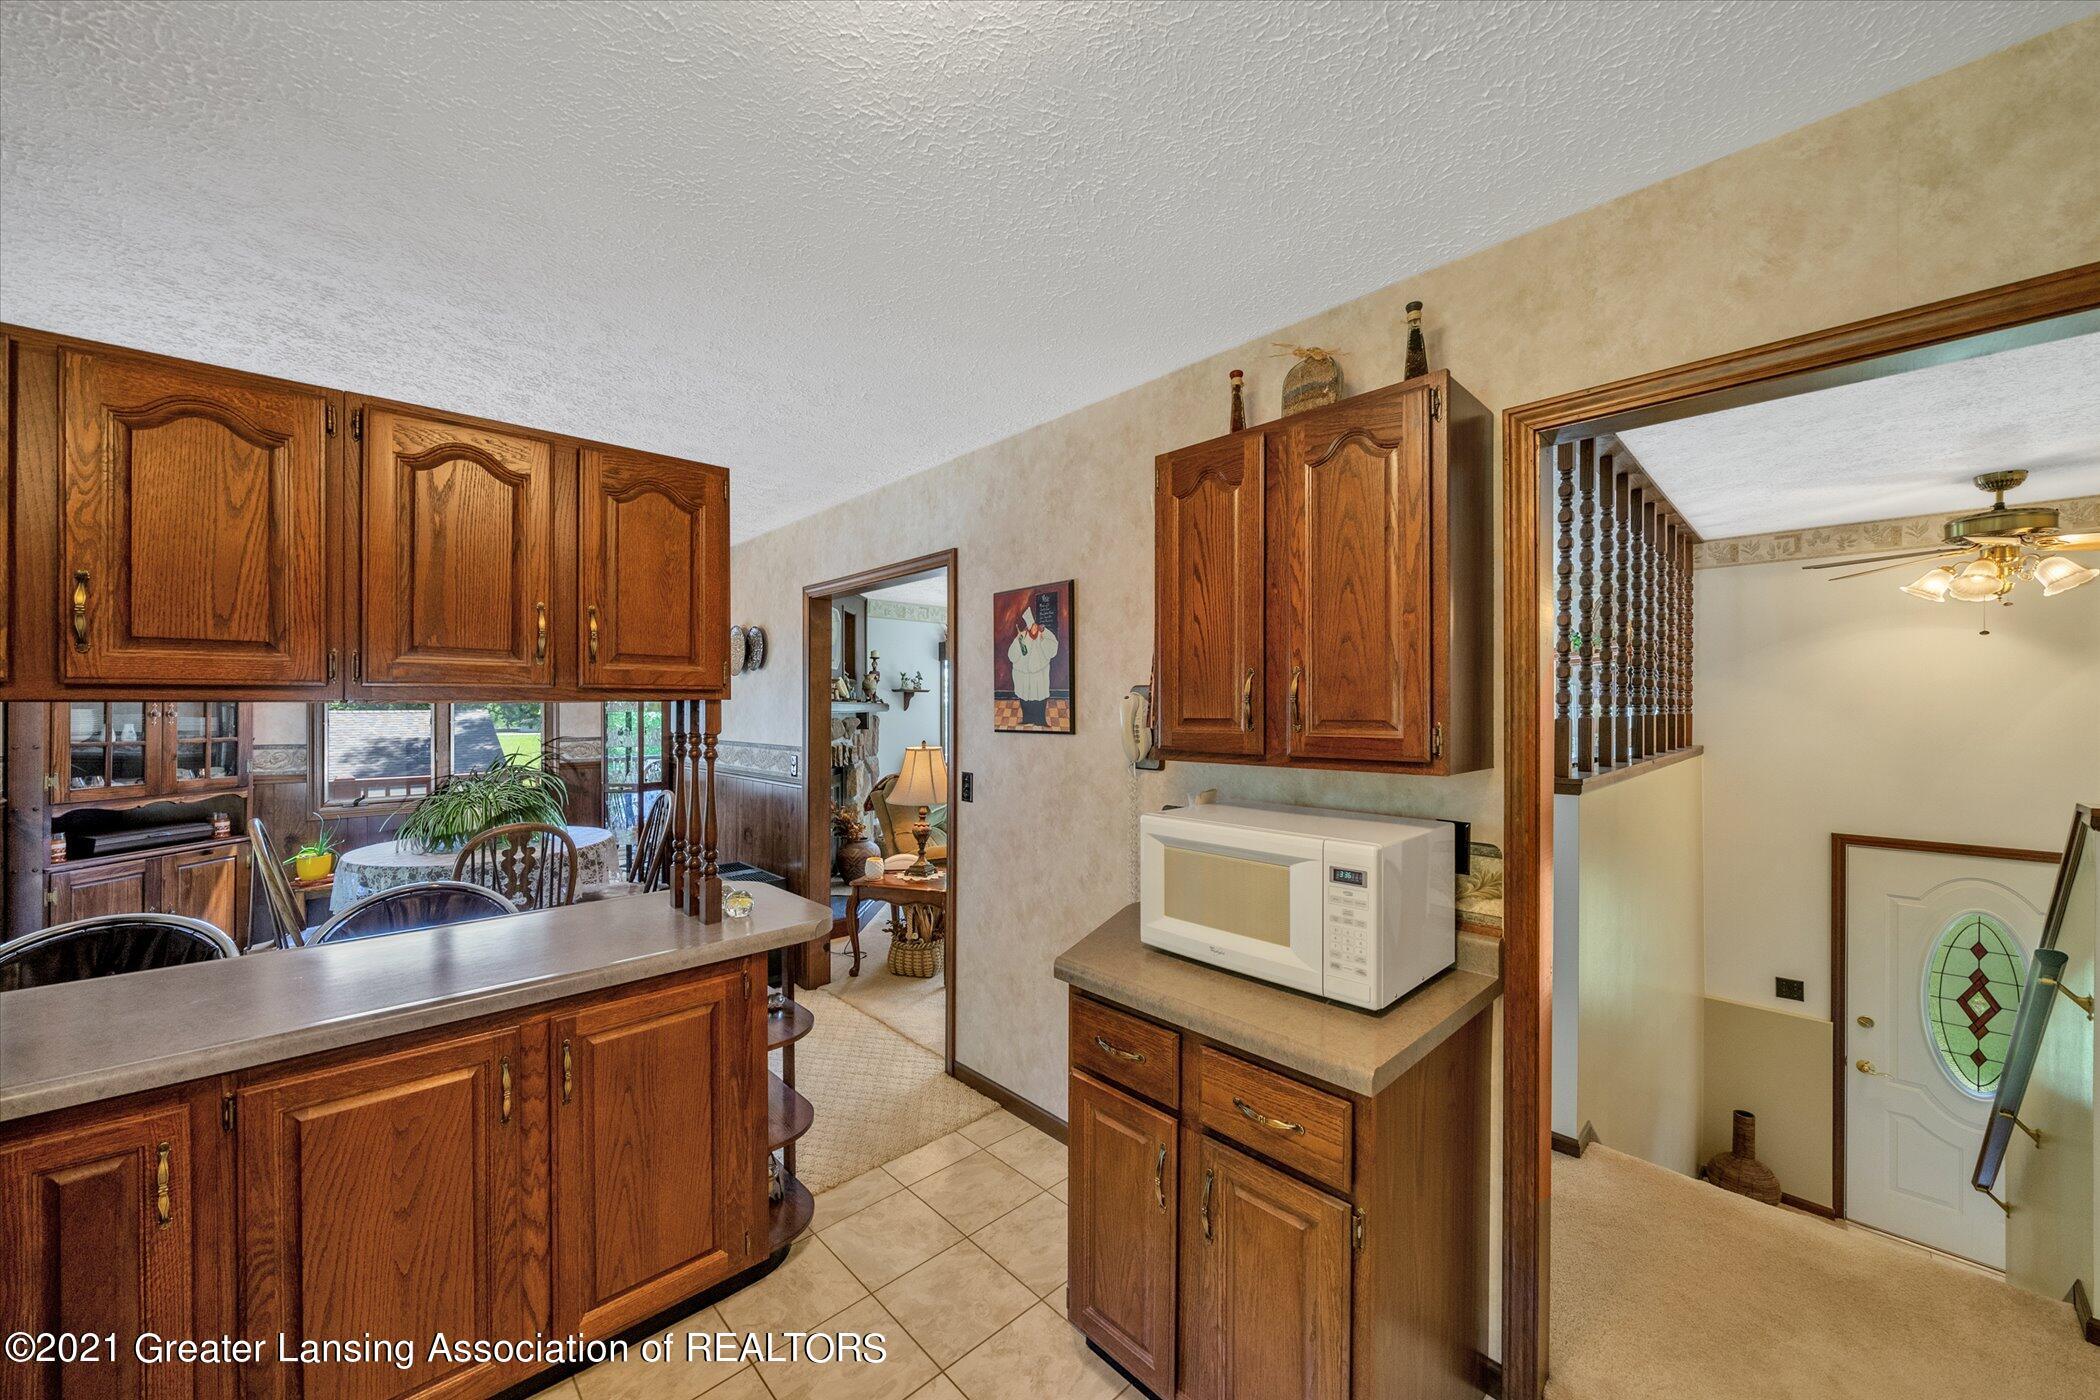 7851 S Cochran Rd - (17) MAIN FLOOR Kitchen - 17